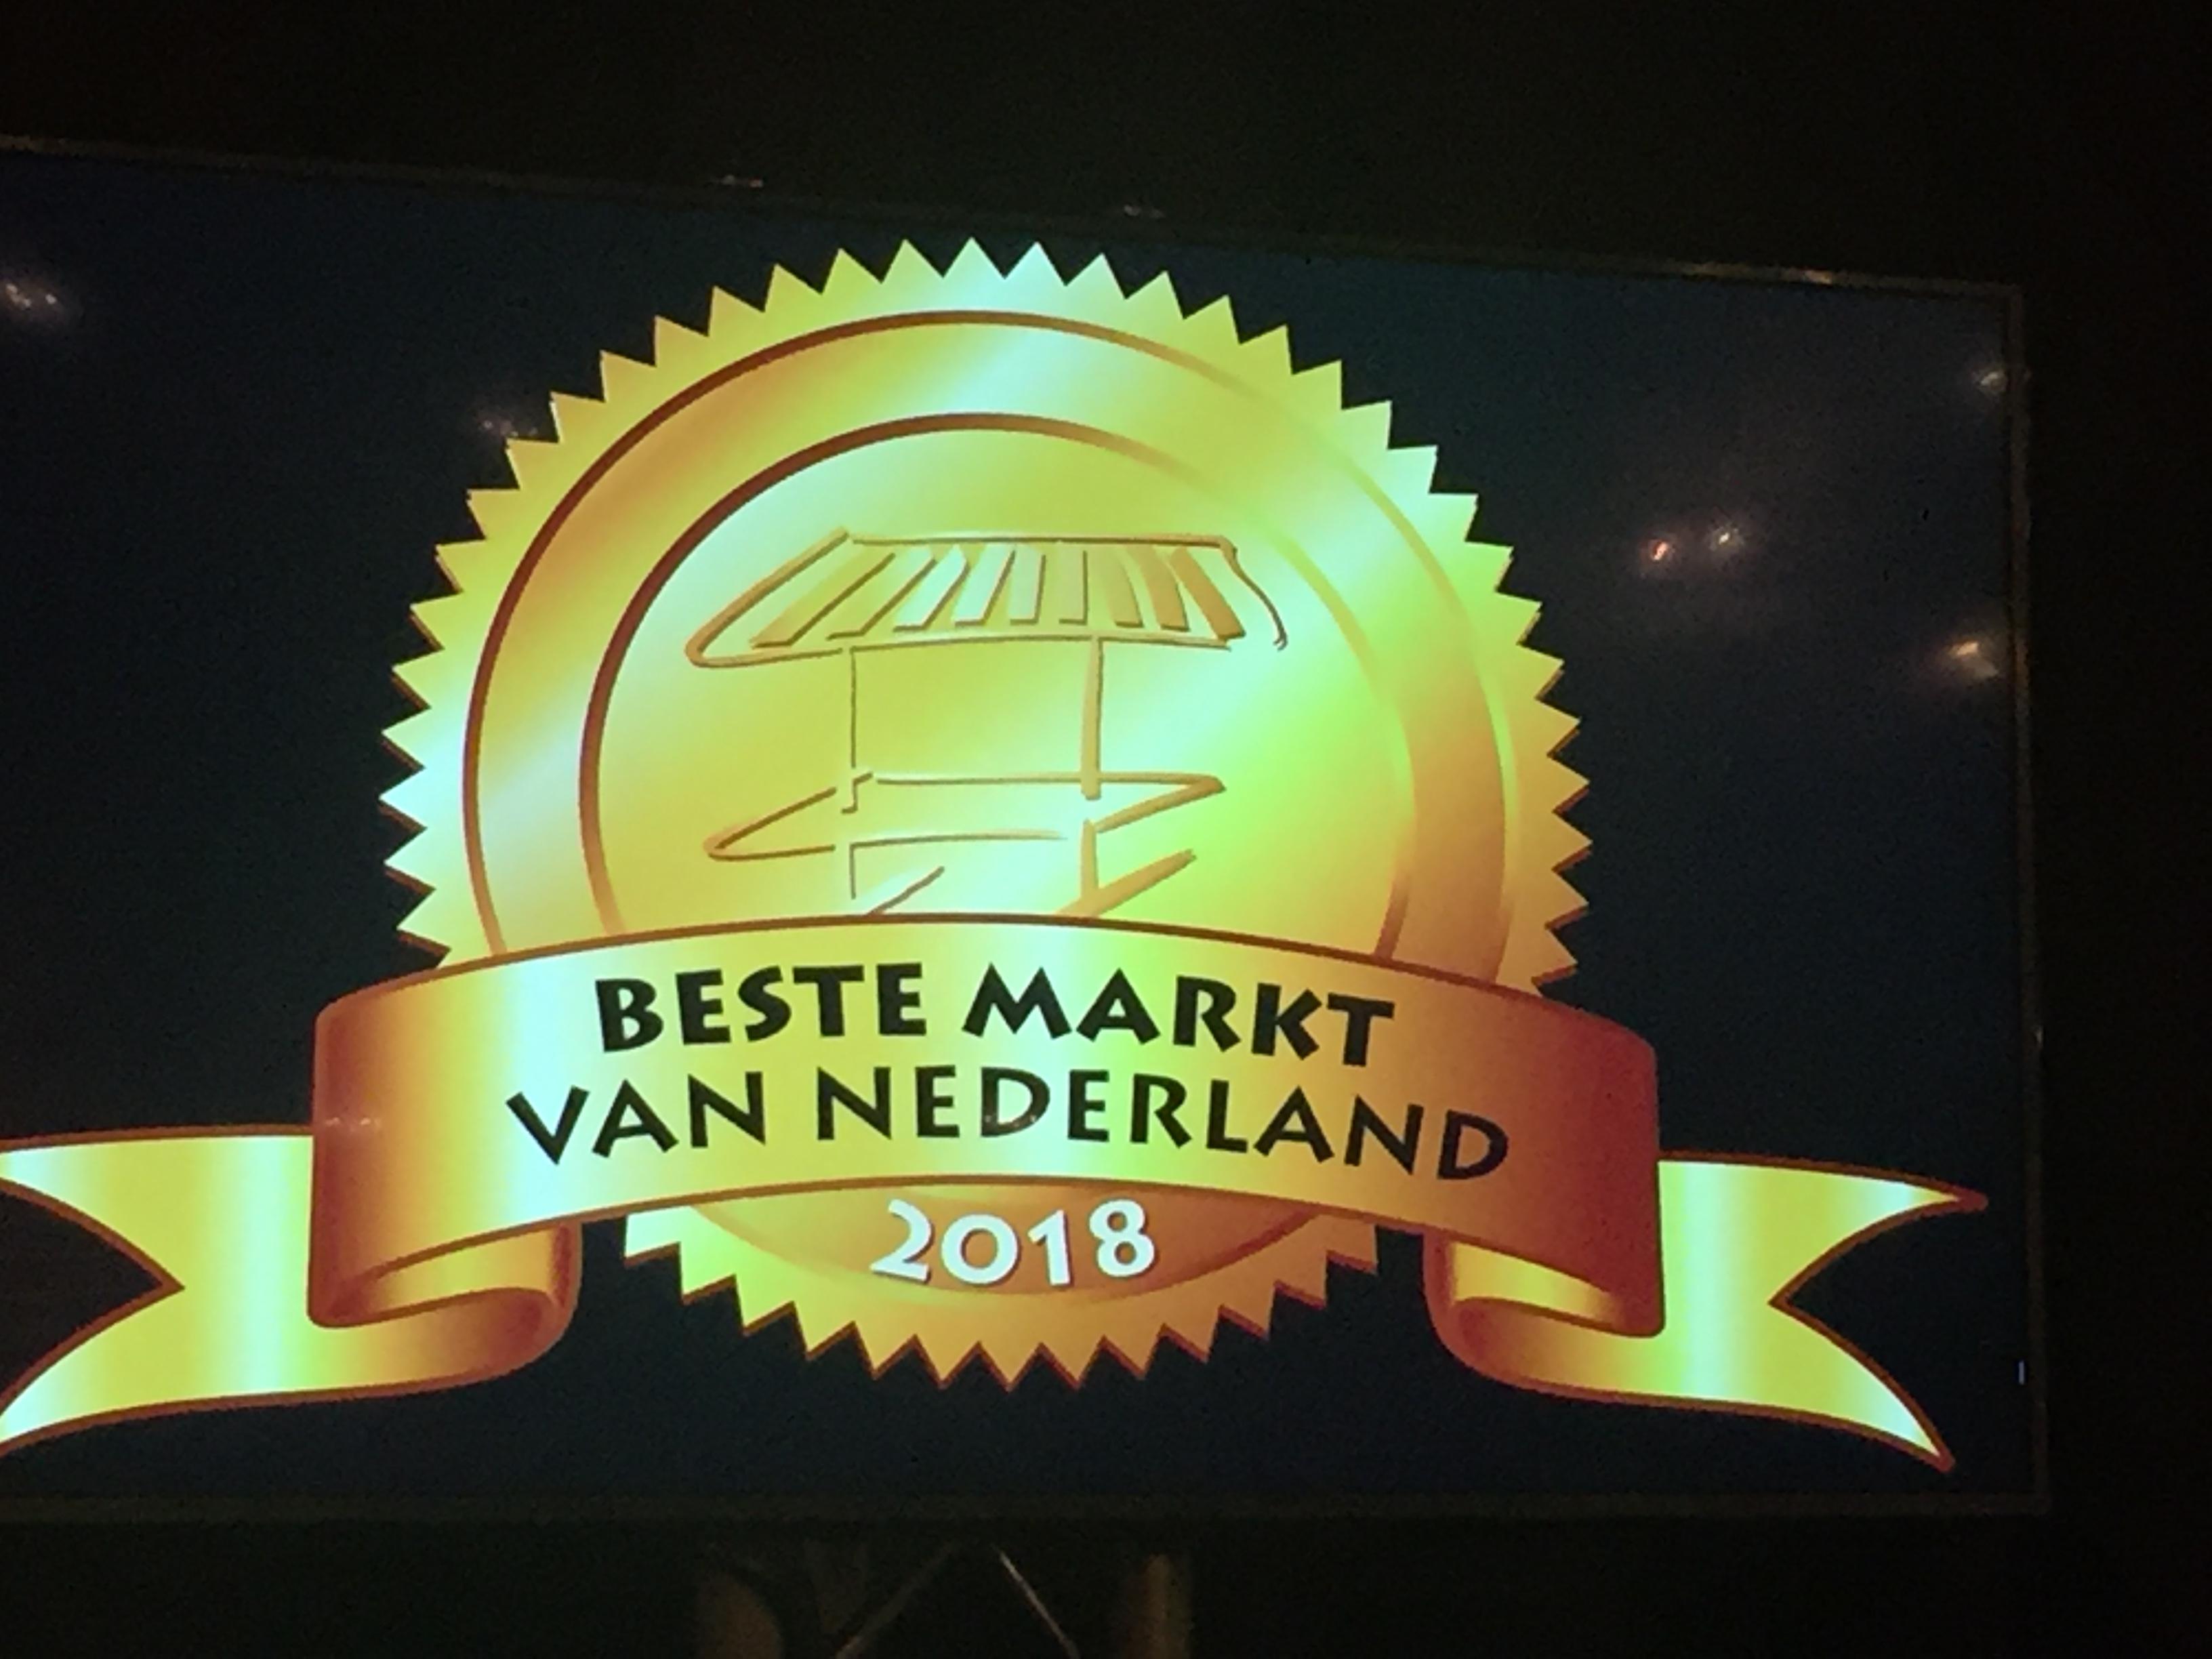 Broekermarkt als tweede geëindigd. (Foto: aangeleverd) rodi.nl © rodi